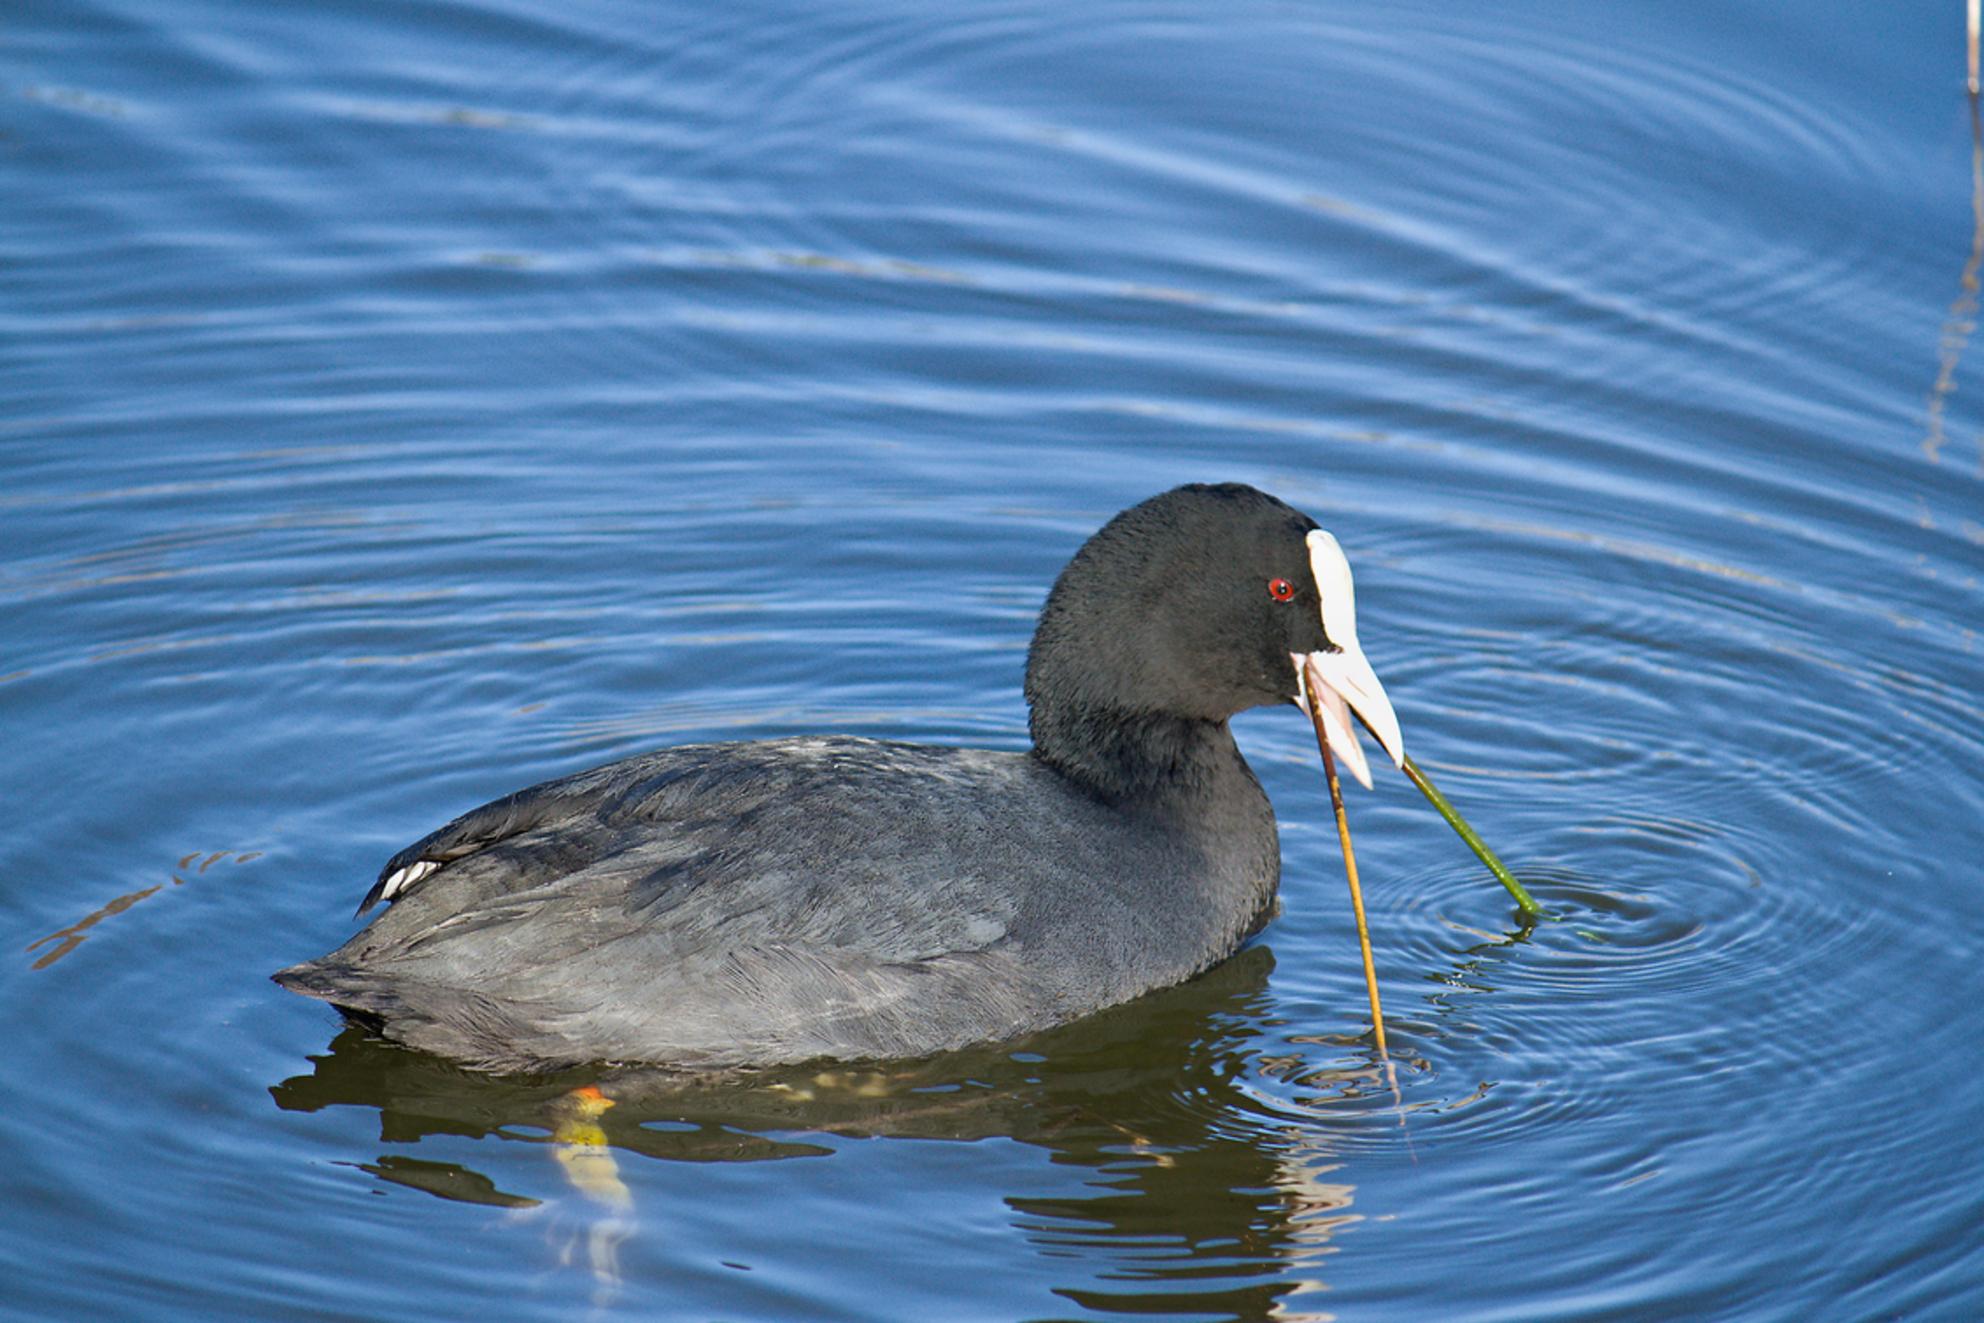 Meerkoet met nestmateriaal - Meerkoet met nestmateriaal. - foto door janbruijns op 01-03-2021 - deze foto bevat: watervogel